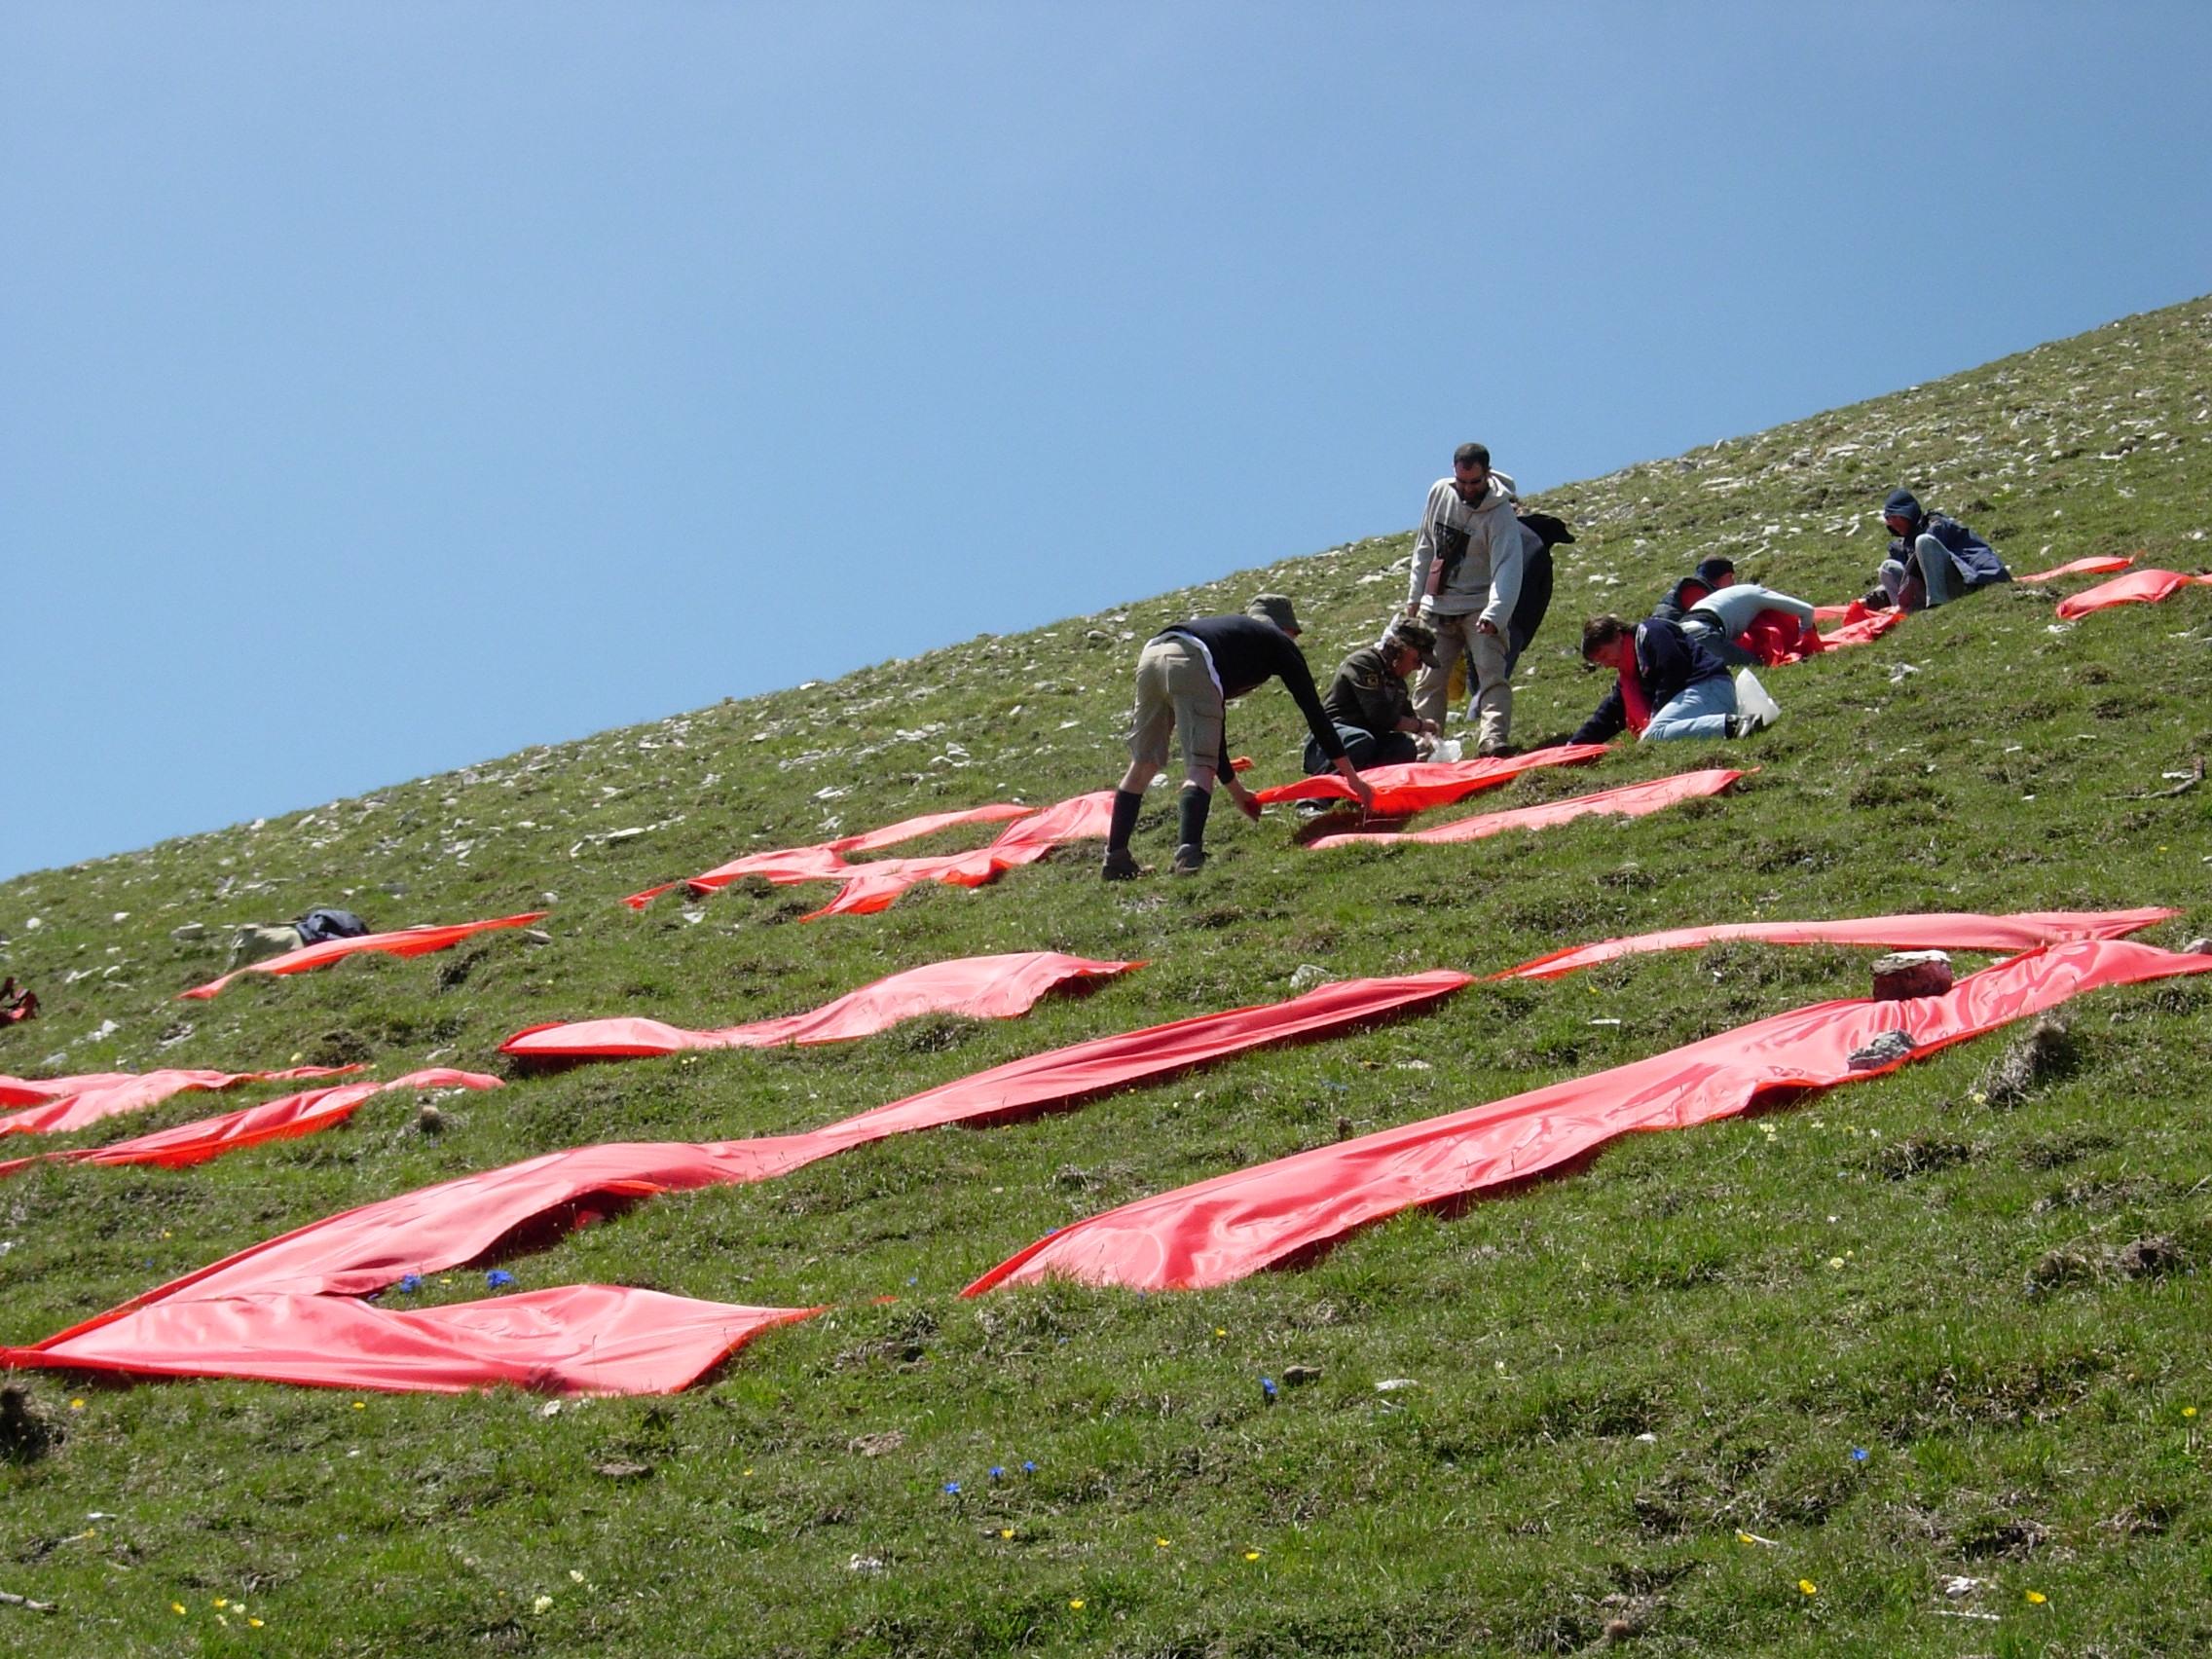 Mega scritta 'Si al Parco' in stoffa rossa sul Monte Acuto, giro d'Italia 13 maggio 2006